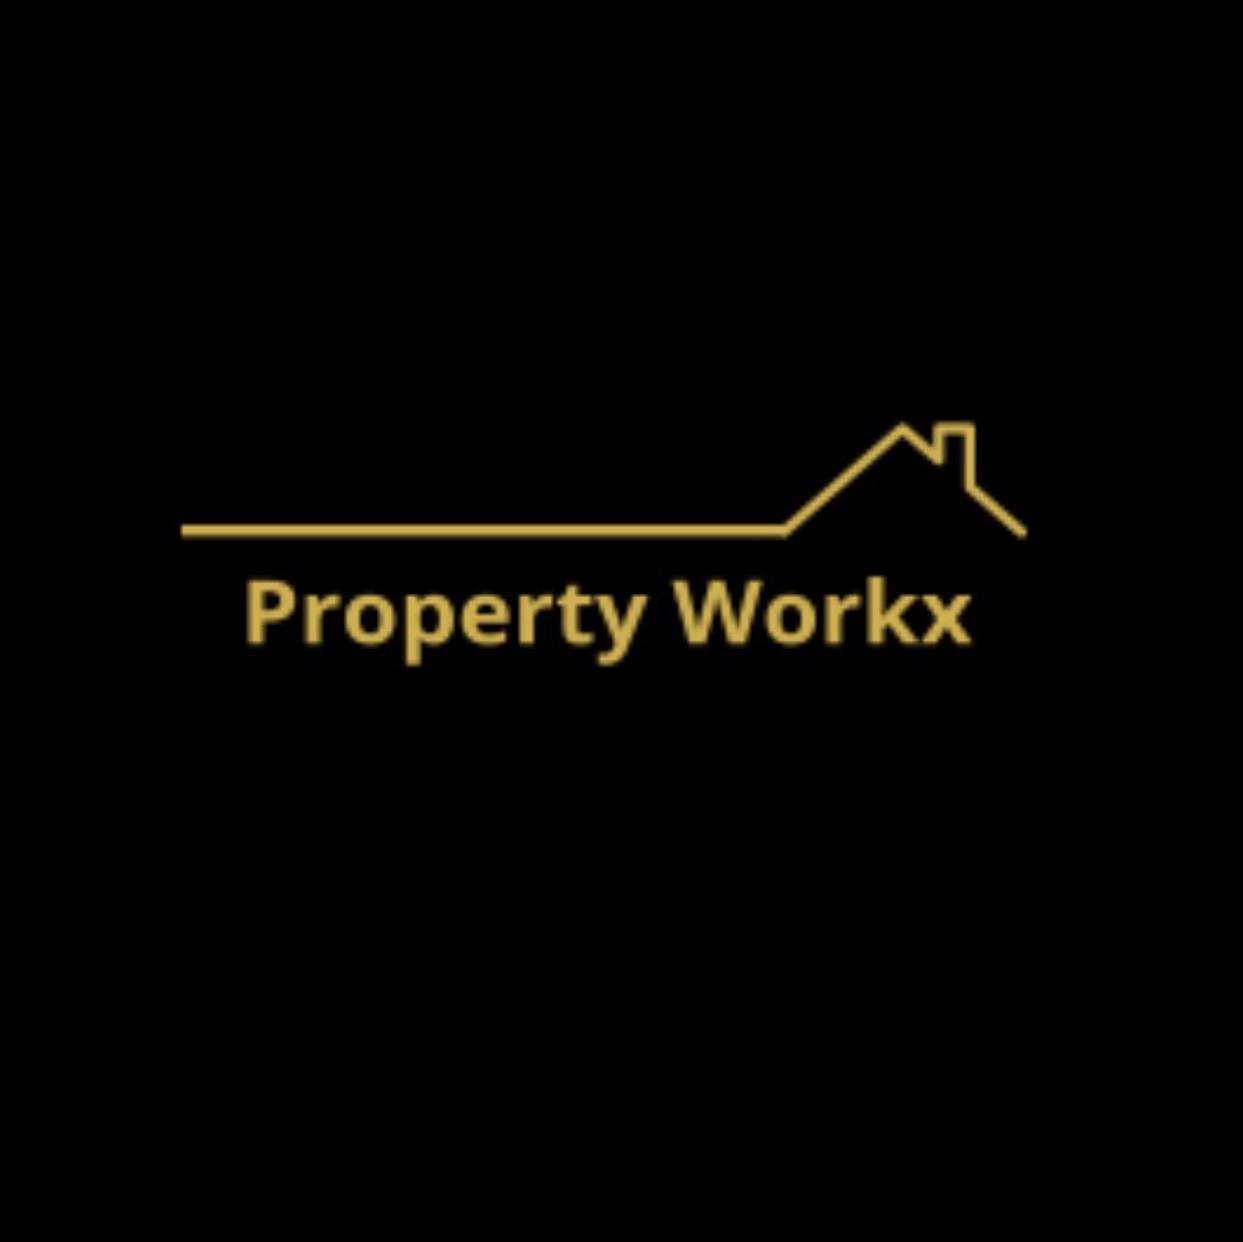 Property Workx